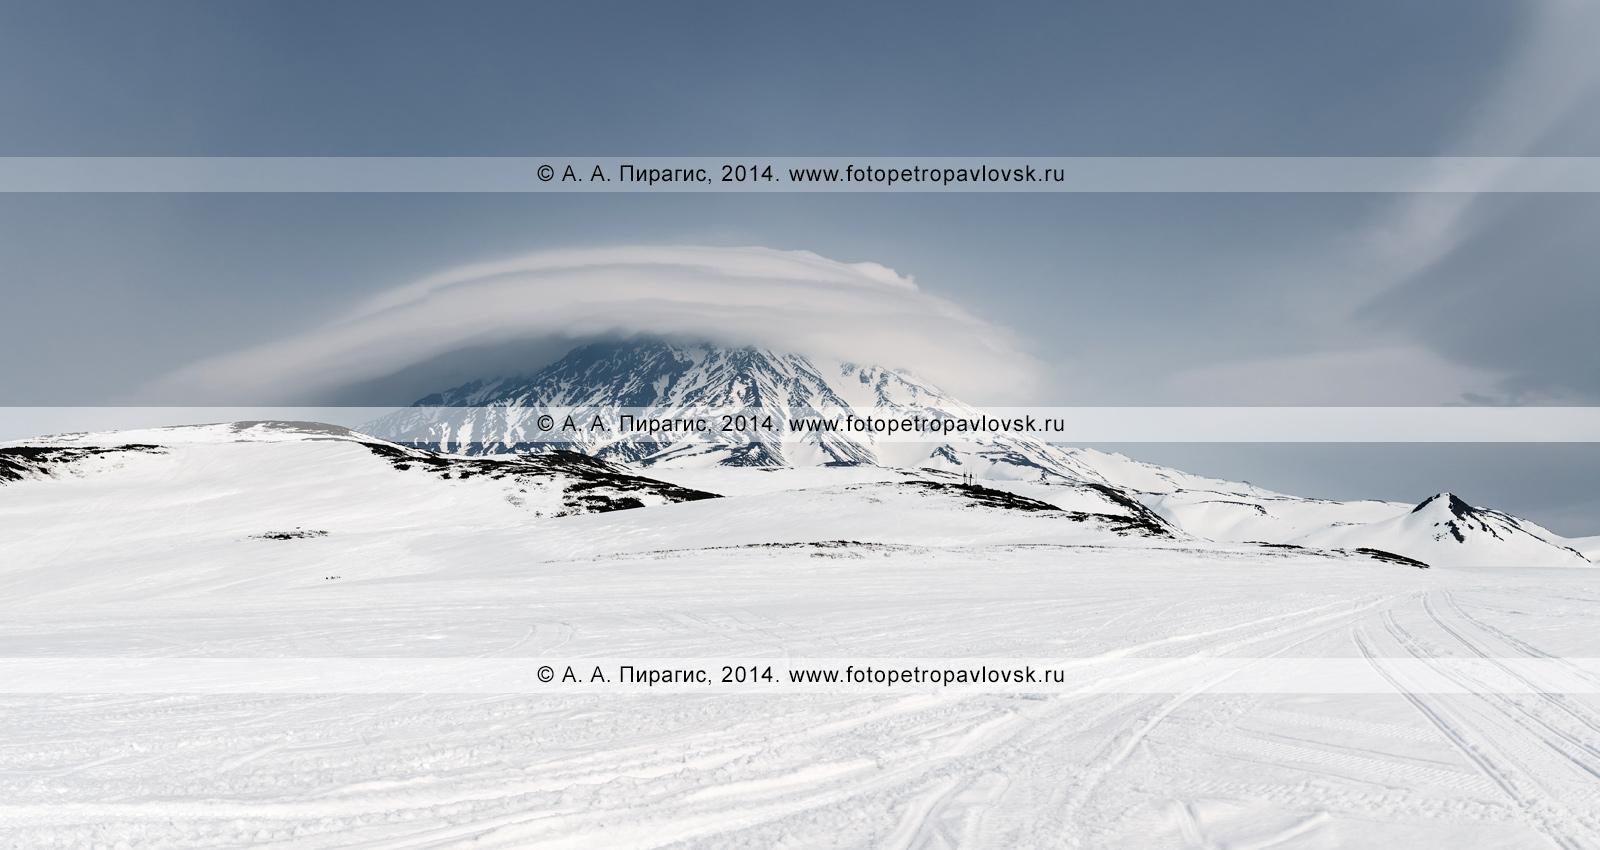 Панорама: зимний вид на действующий вулкан Корякская сопка (Koryaksky Volcano) на полуострове Камчатка